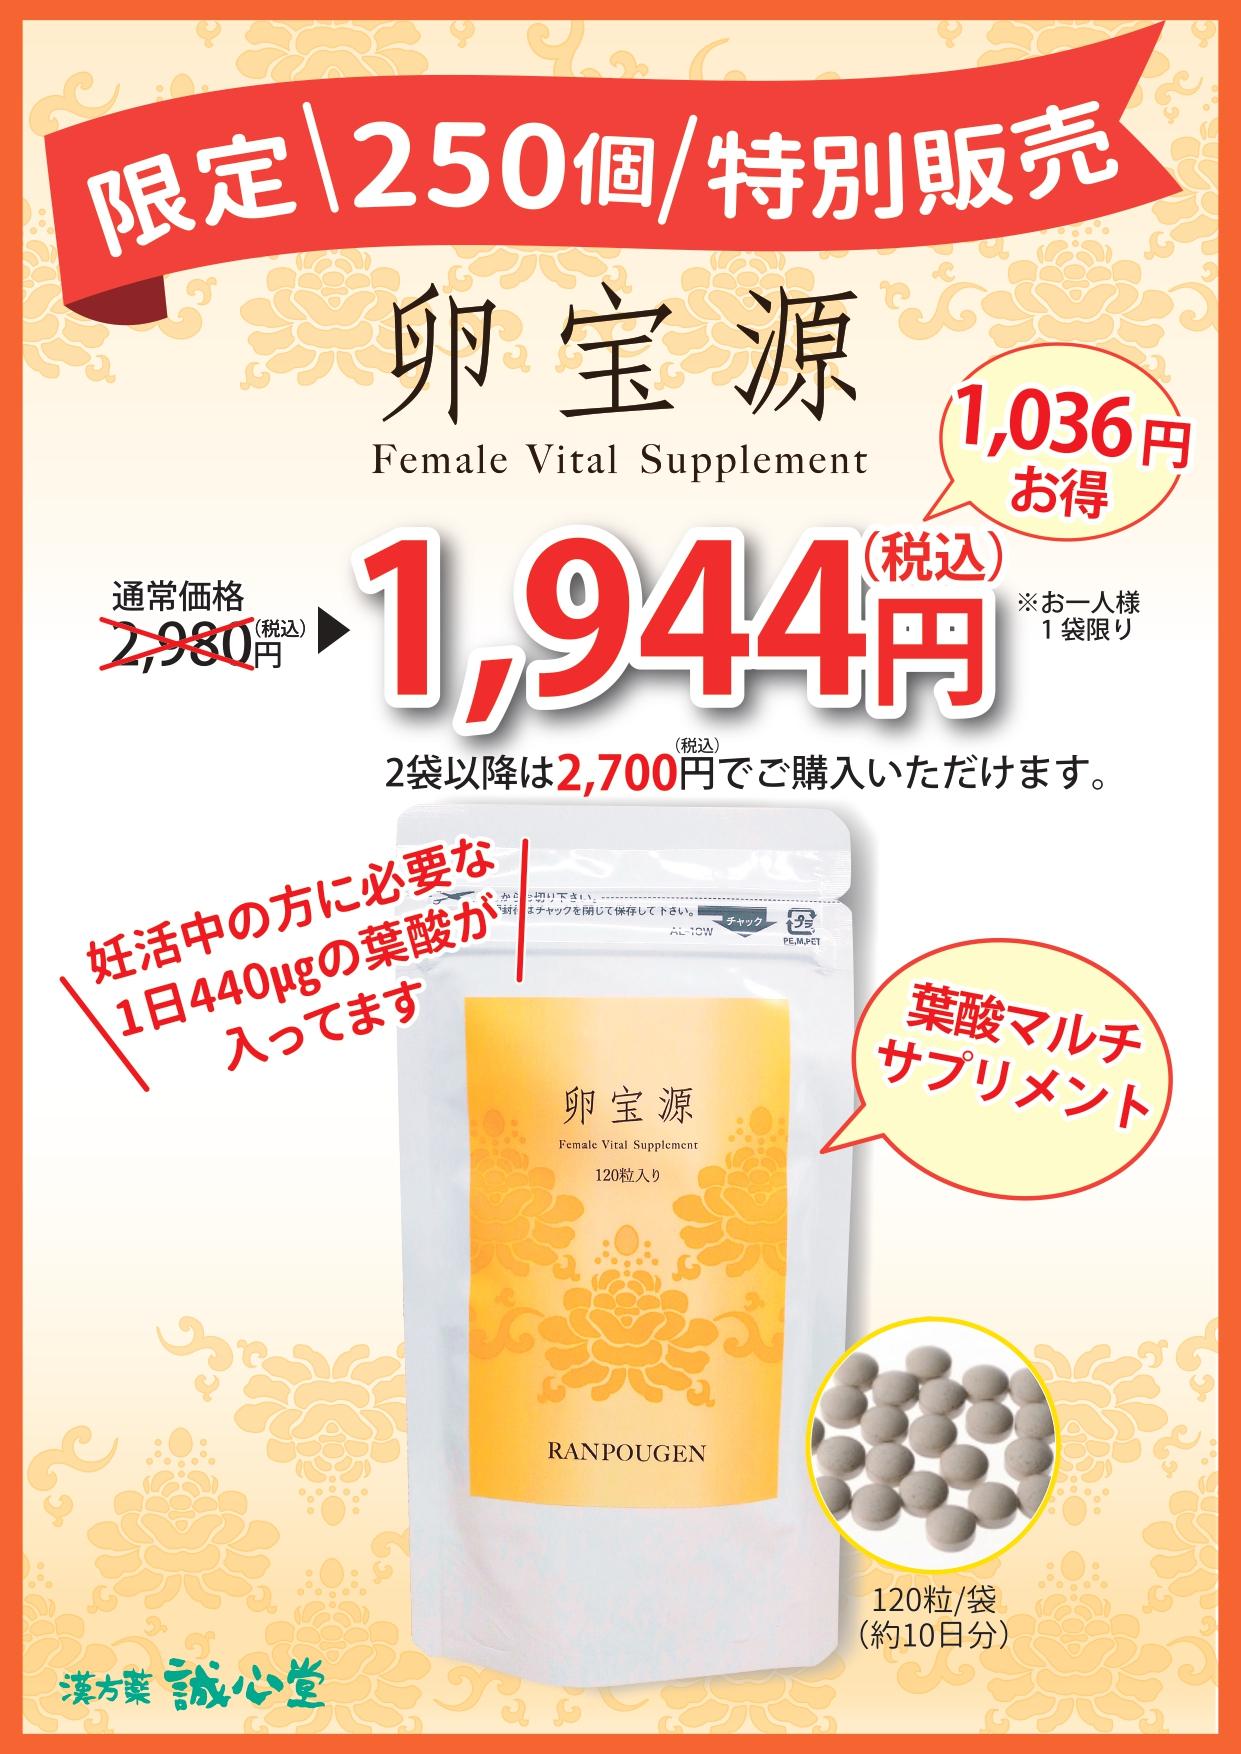 卵宝源(らんぽうげん)120粒/袋